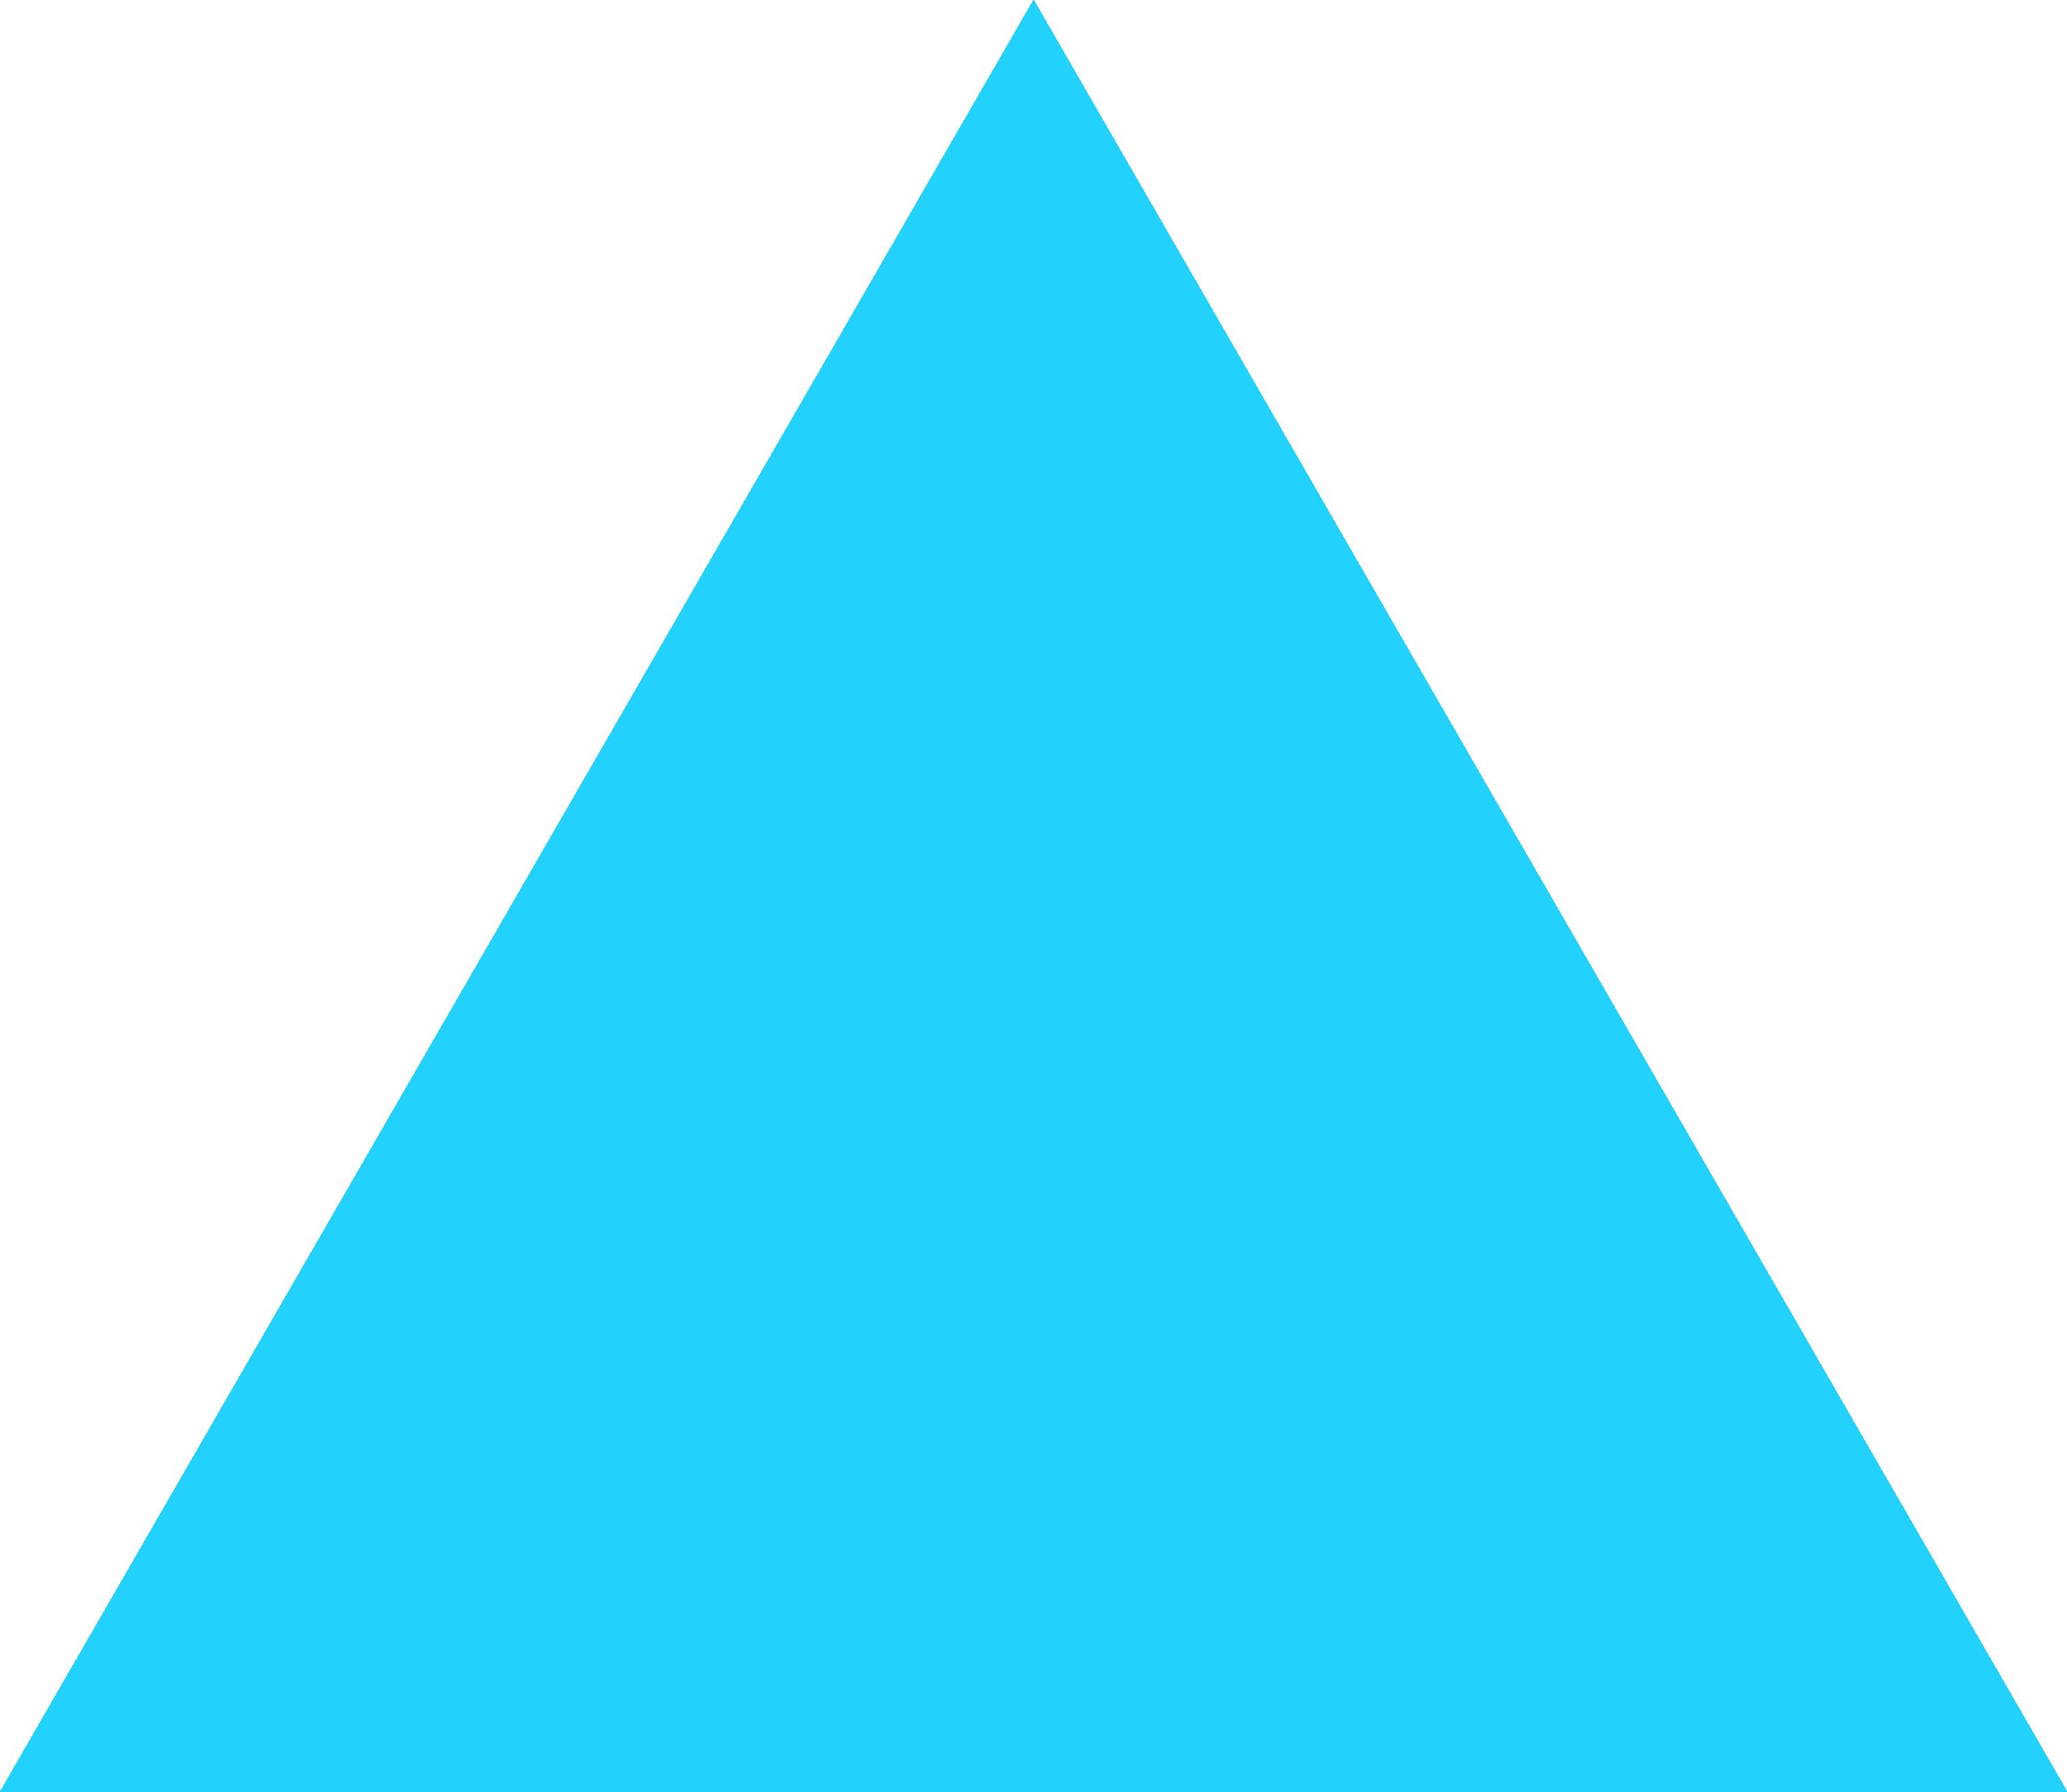 A blue triangle